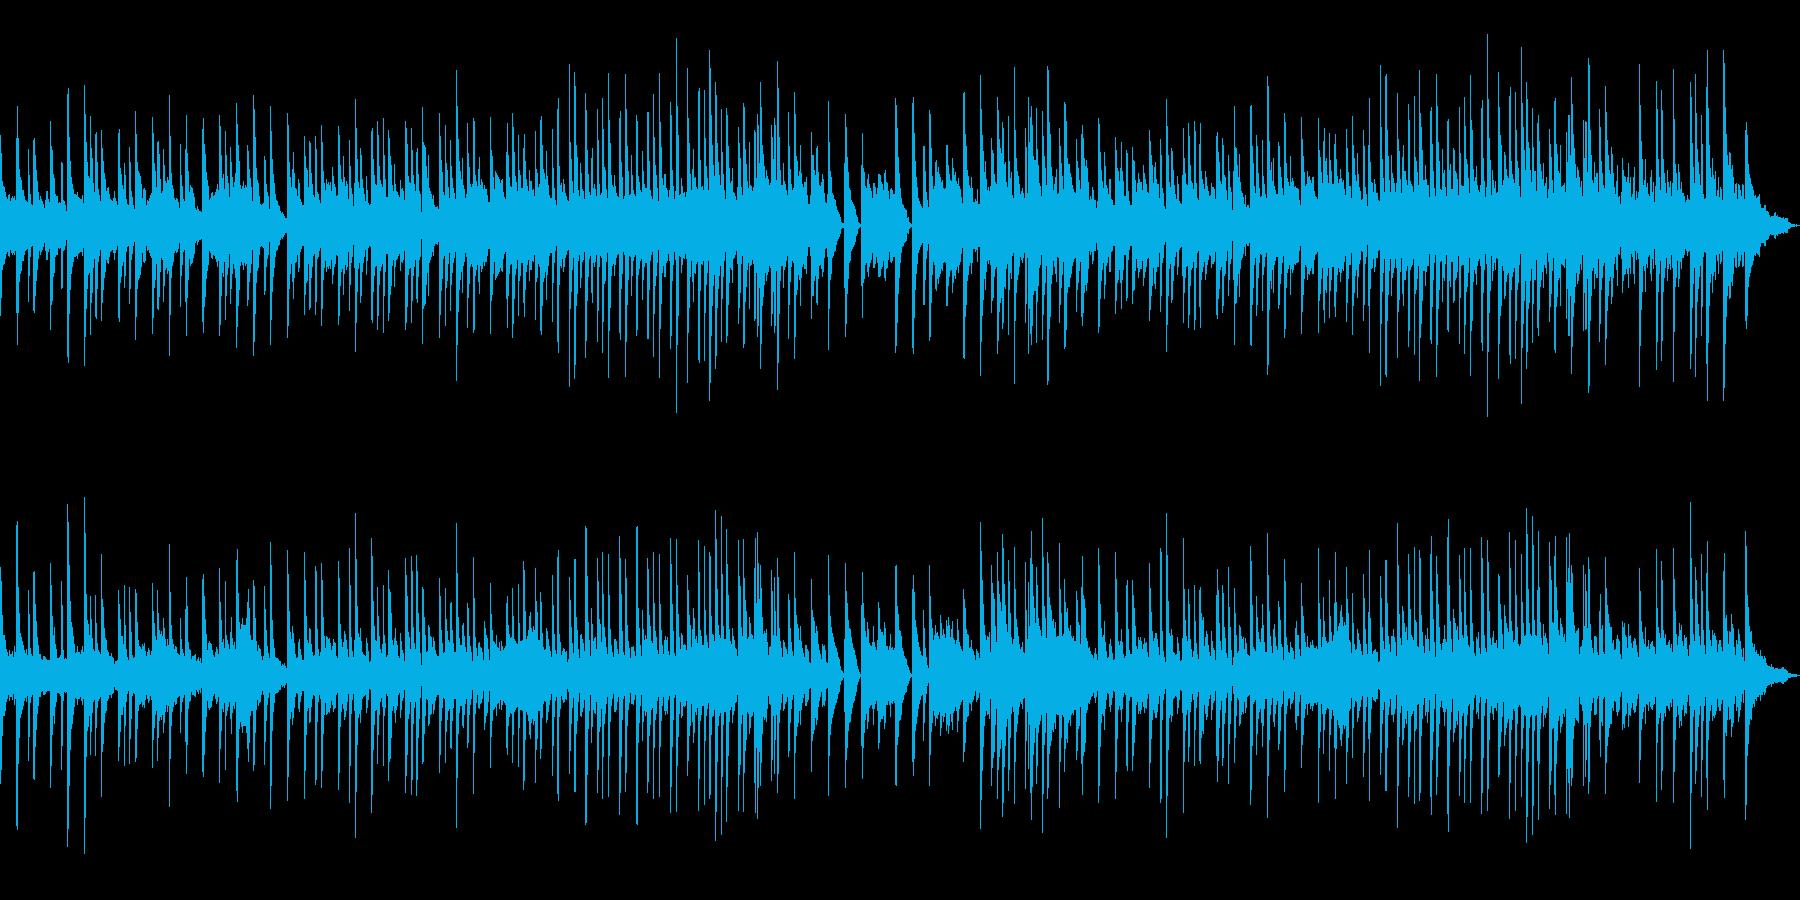 静かな海をイメージしたBGMの再生済みの波形